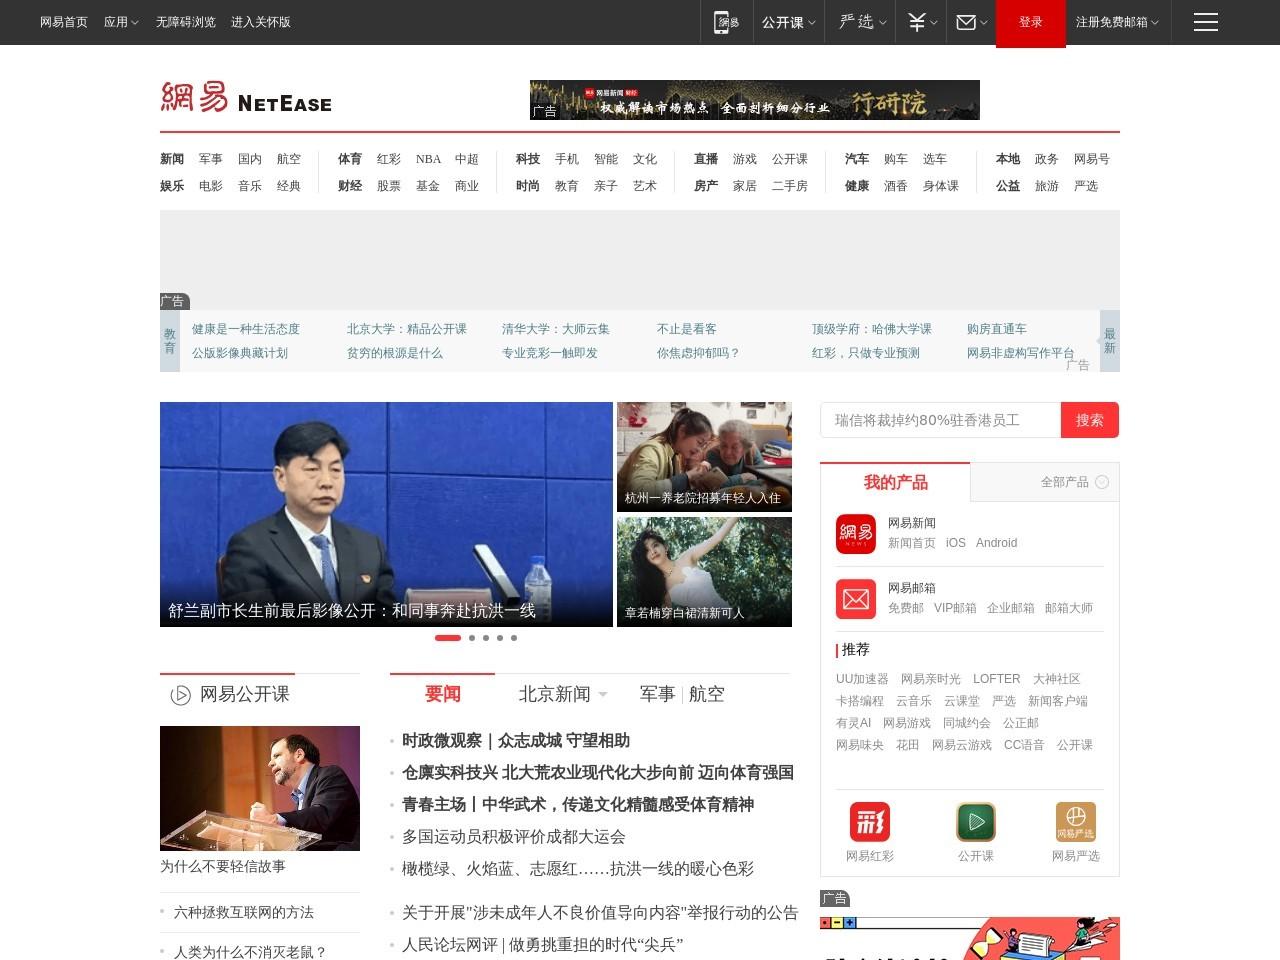 互联网短视频错别字多引争议 网络应用场景下语言规范使用观念需创新 汉语 汉字_网易订阅